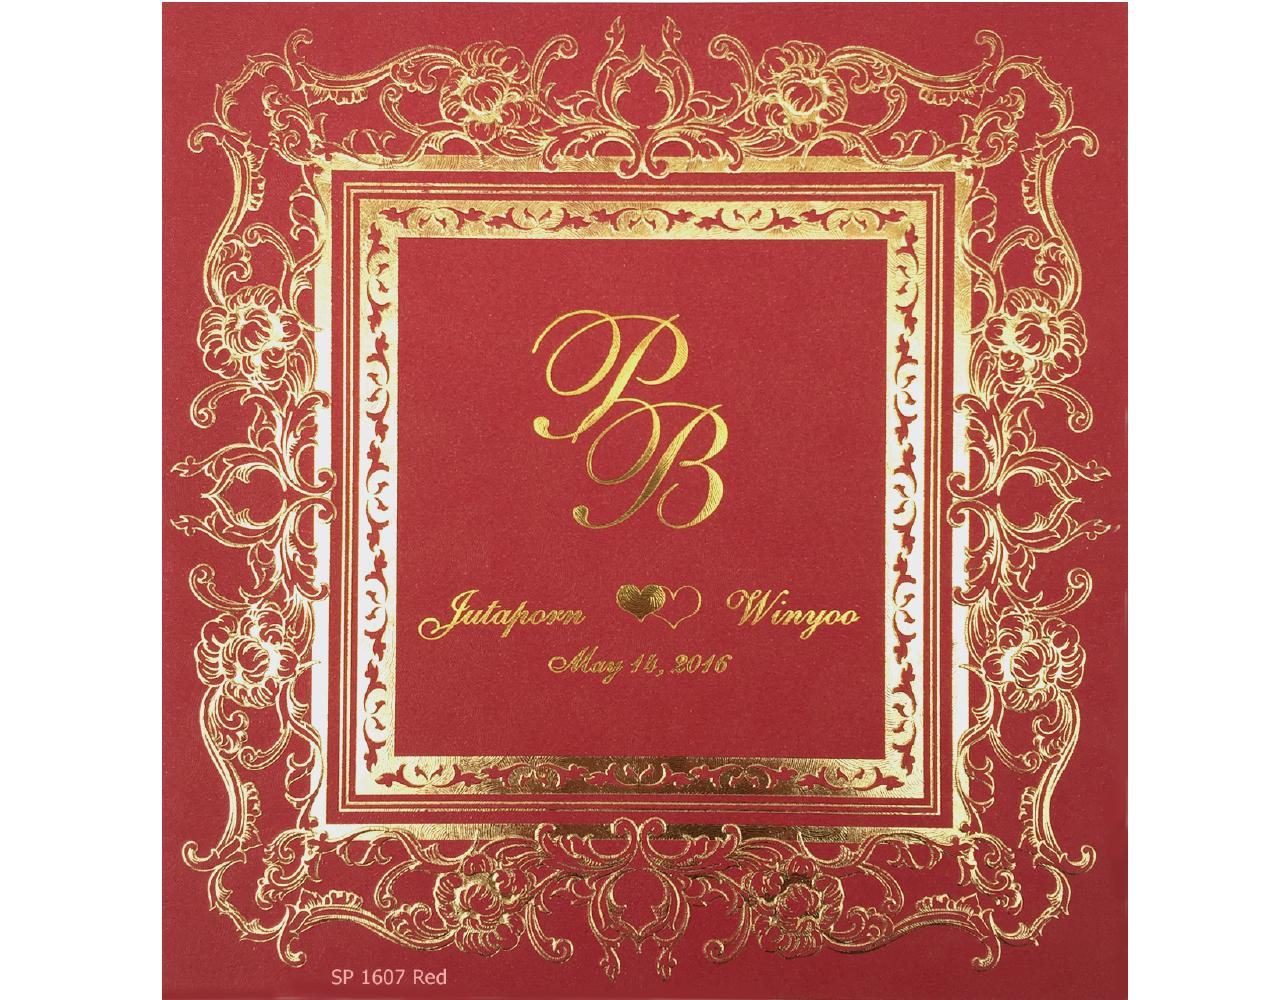 การ์ดแต่งงาน การ์ดเชิญสีแดง การ์ดพร้อมซองและกระดาษไส้ใน by Grace Greeting wedding card 6.5x7 inch SP 1607 Red